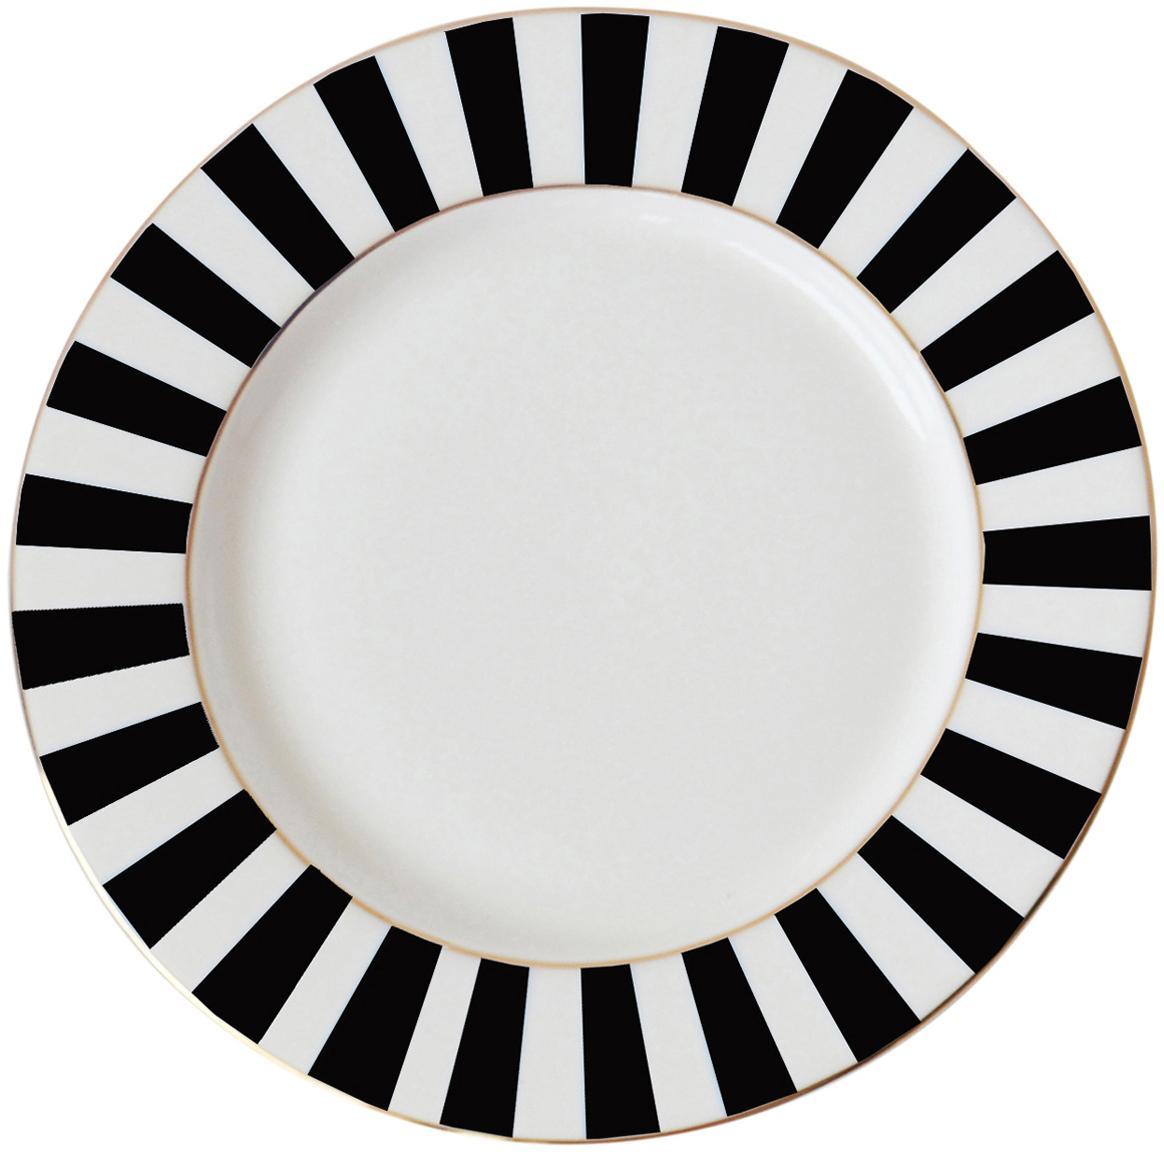 Talerz śniadaniowy Stripy, Porcelana chińska, Czarny, biały, Ø 19 cm